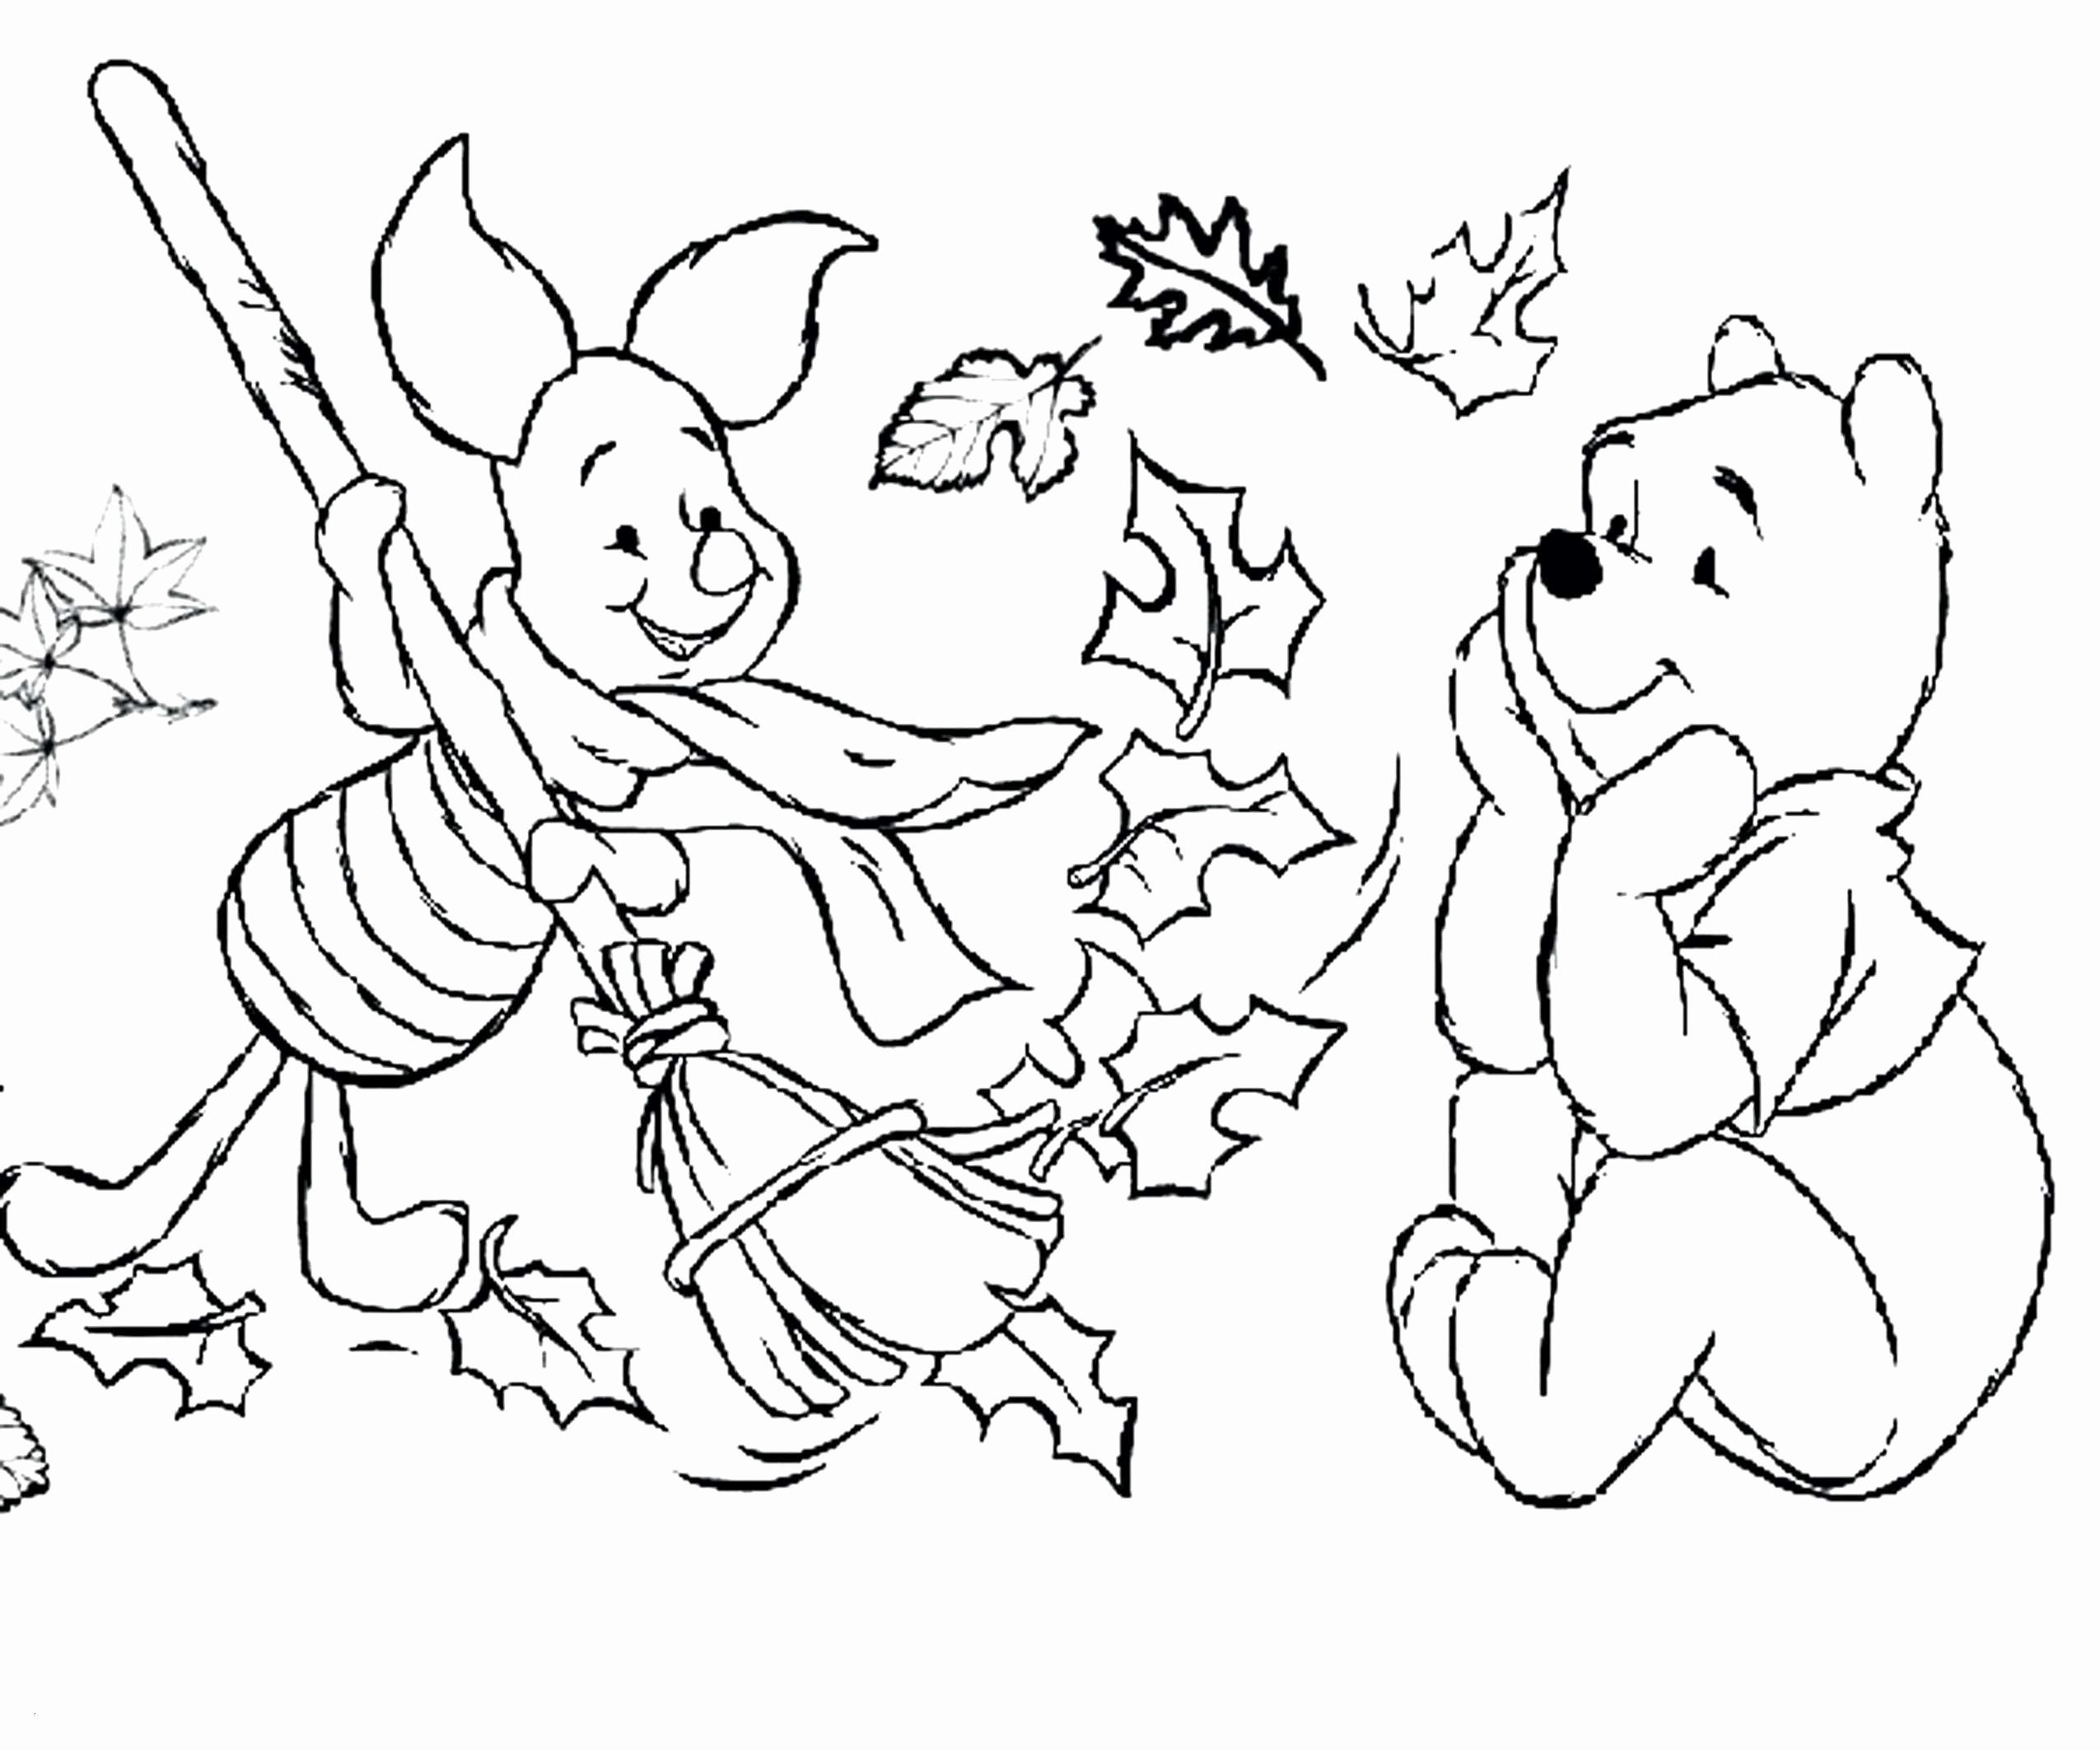 Ausmalbilder Weihnachten Disney Zum Ausdrucken Inspirierend Olaf Ausmalbilder Zum Ausdrucken Elegant Schneemann Vorlage Bild